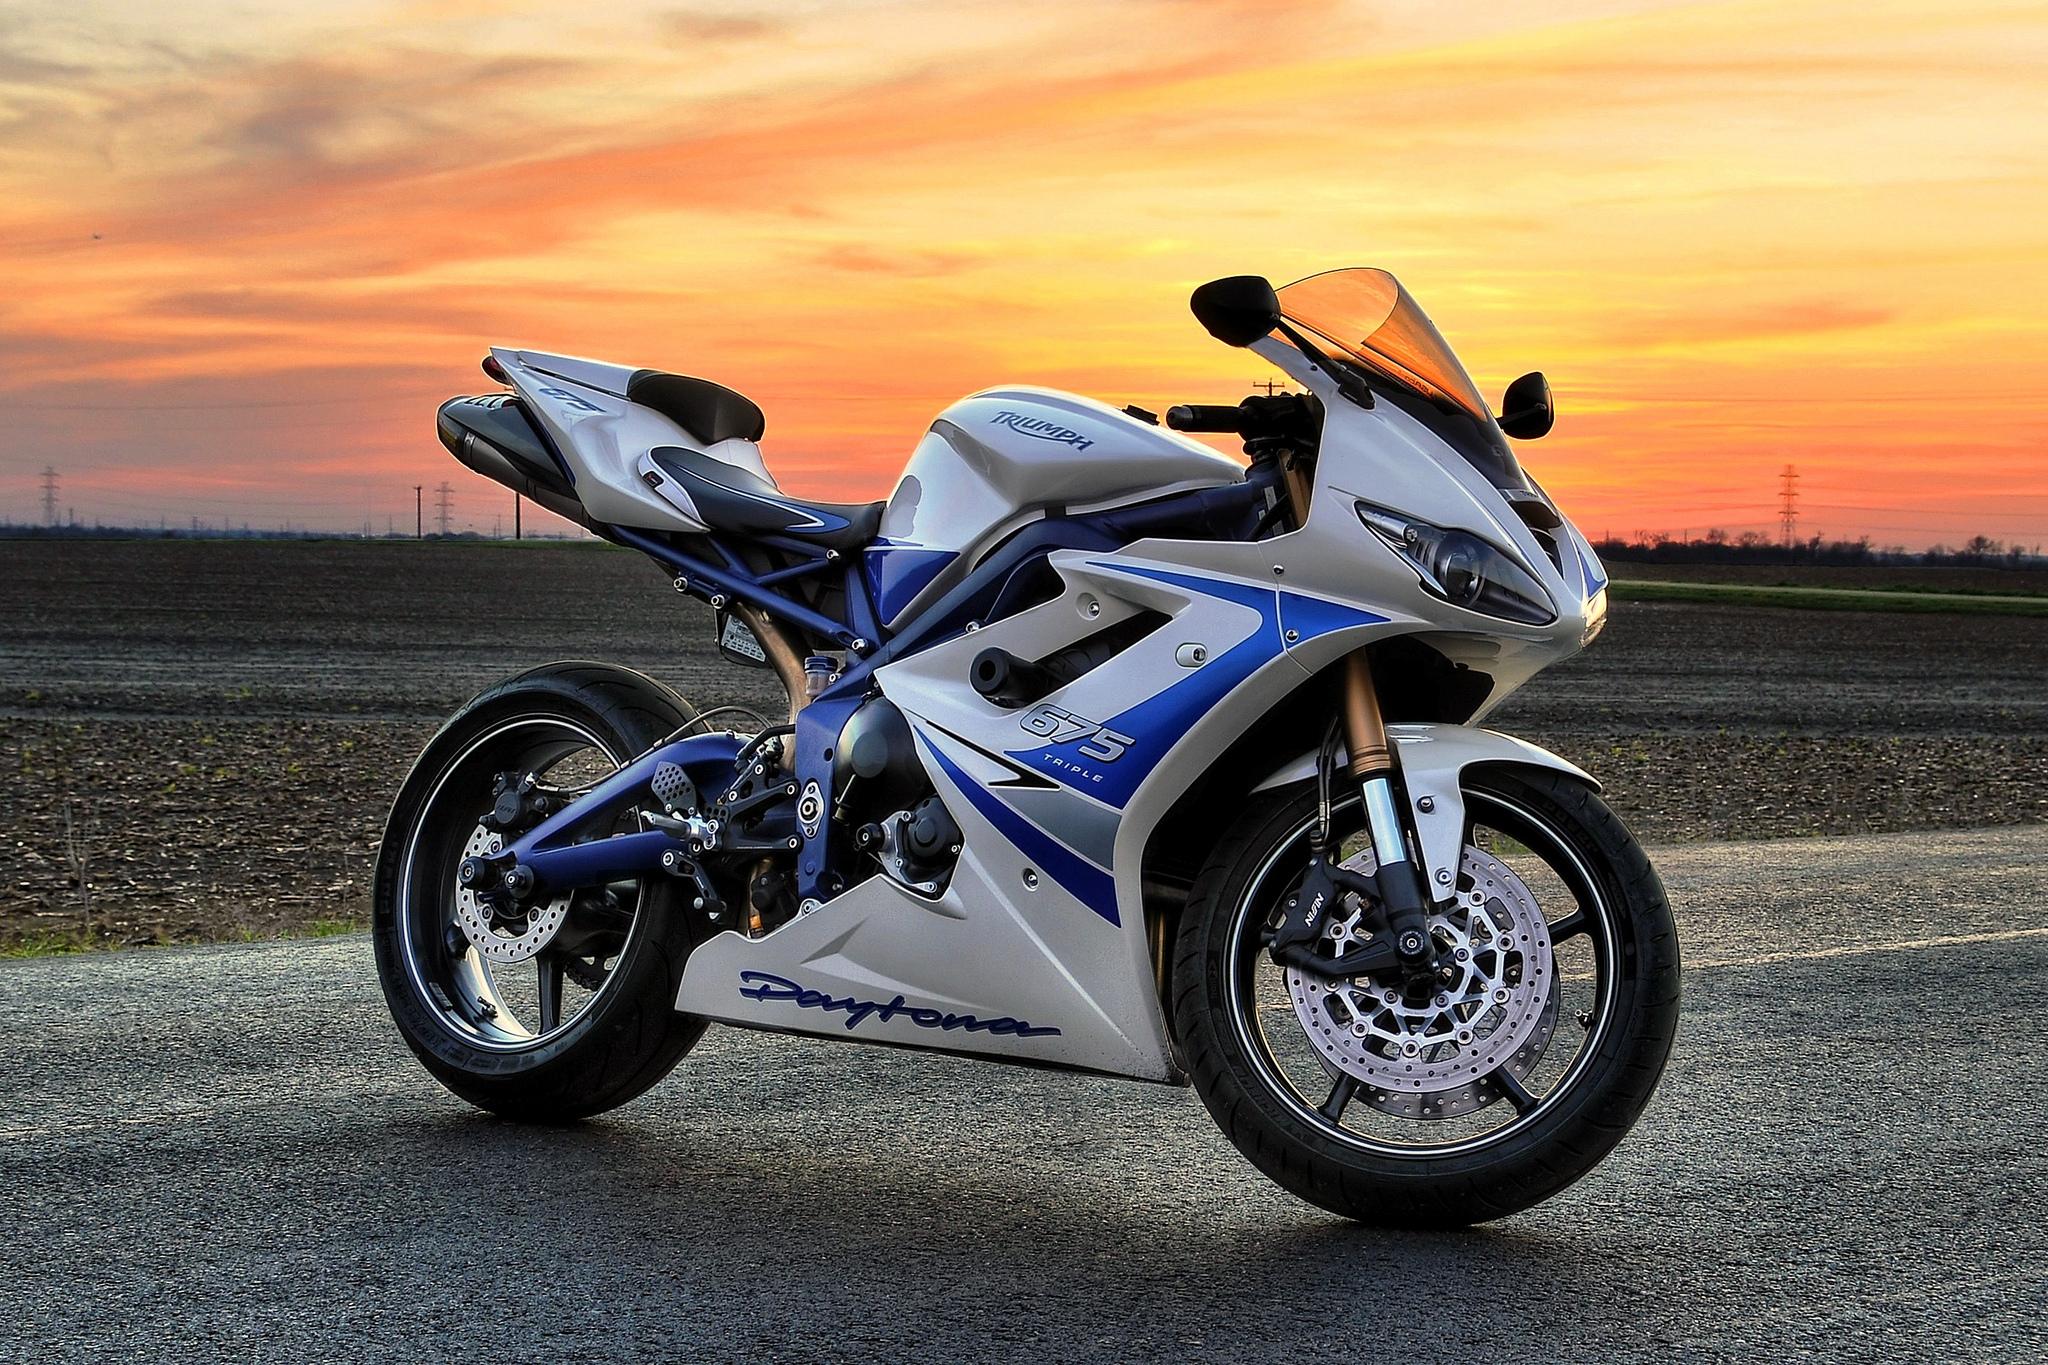 картинка мотоцикл картинка сделали для вас